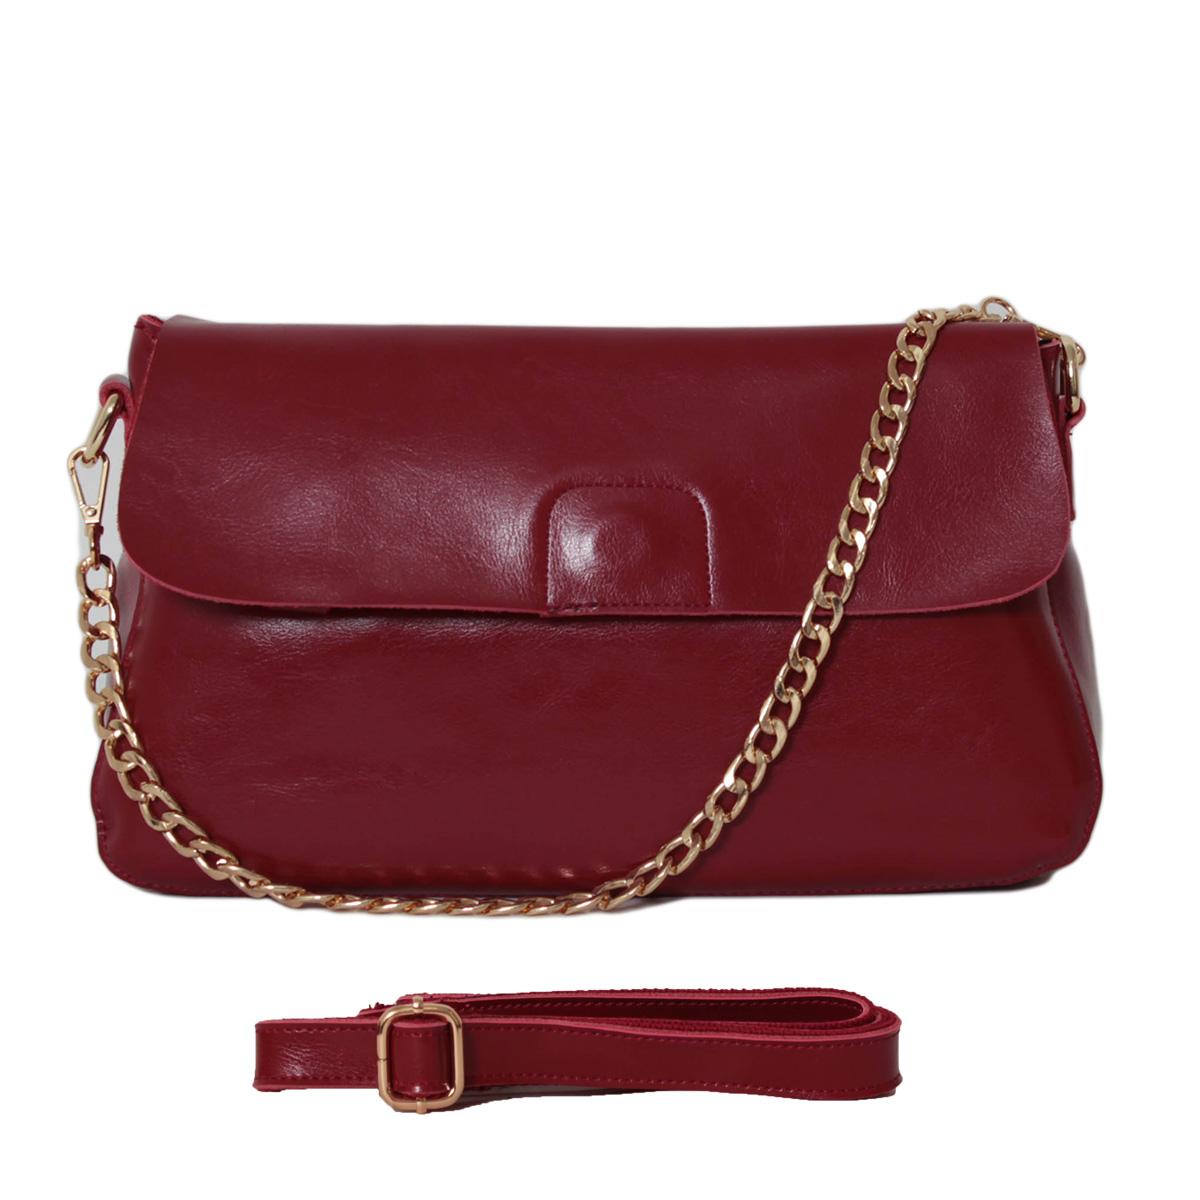 Сумка женская Flioraj, цвет: бордовый. 0005247600052476Закрывается на молнии и декоративный клапан. Внутри два отделения, один карман на молнии. Имеется задний и передний карман на молнии. Длинный ремень